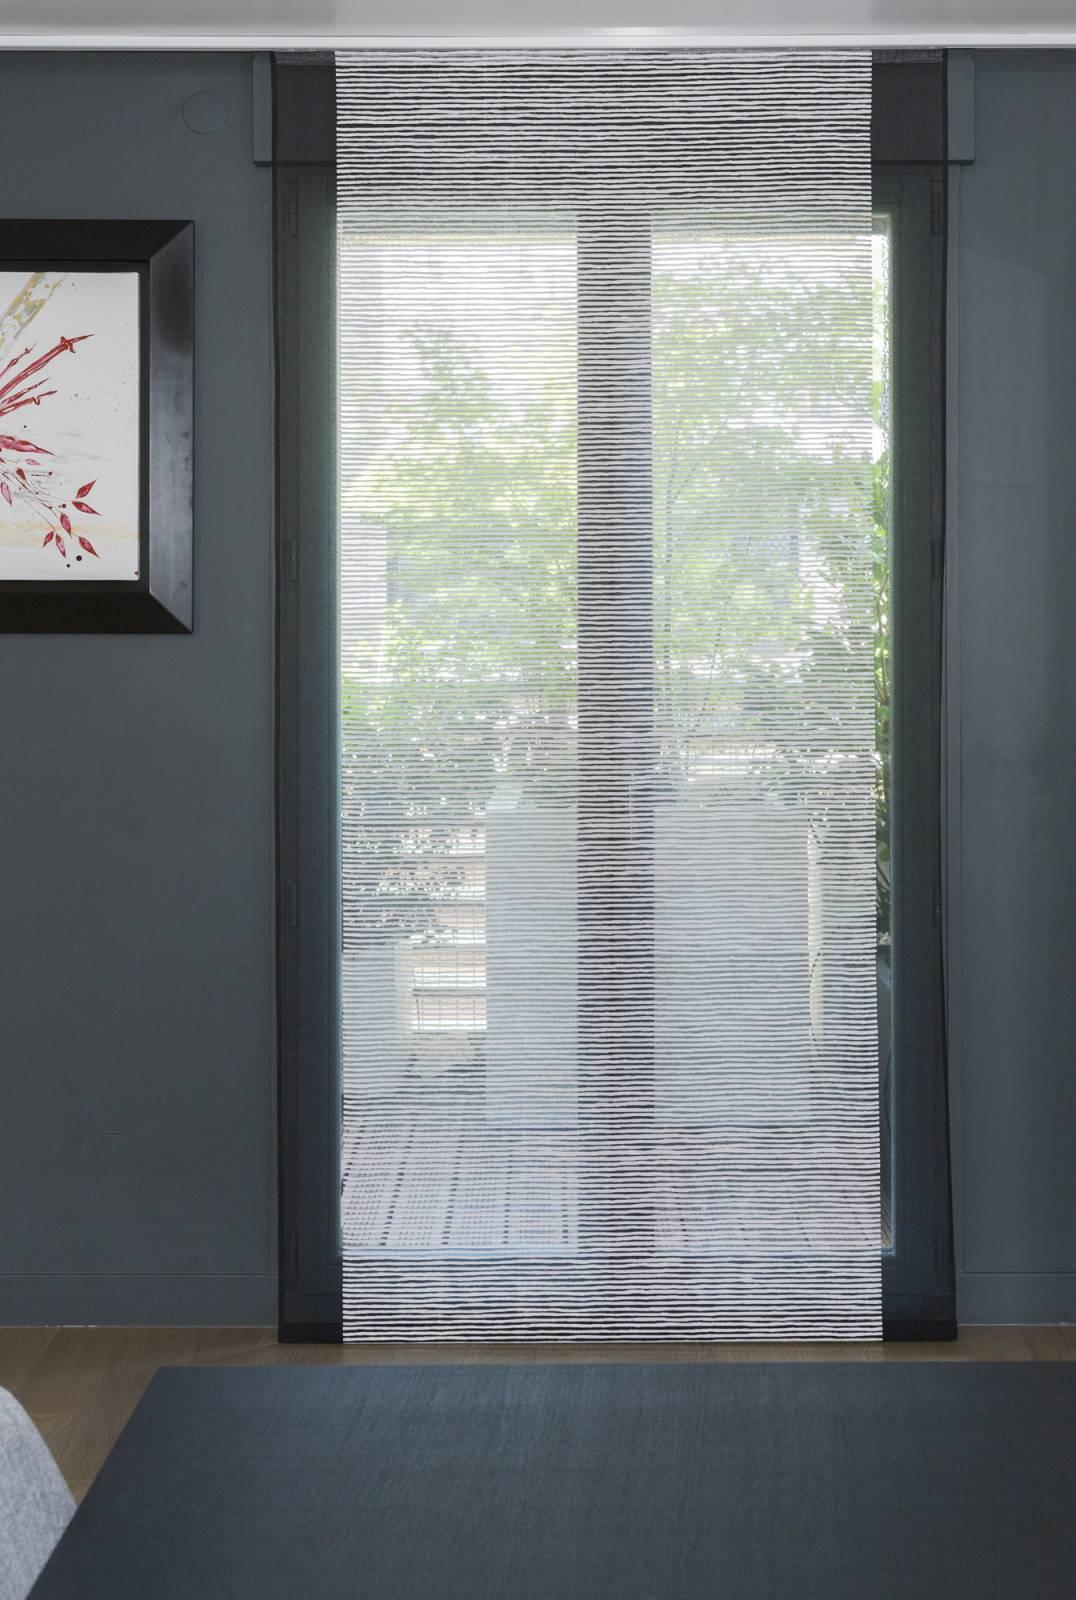 sieste h panneau japonais transparent. Black Bedroom Furniture Sets. Home Design Ideas